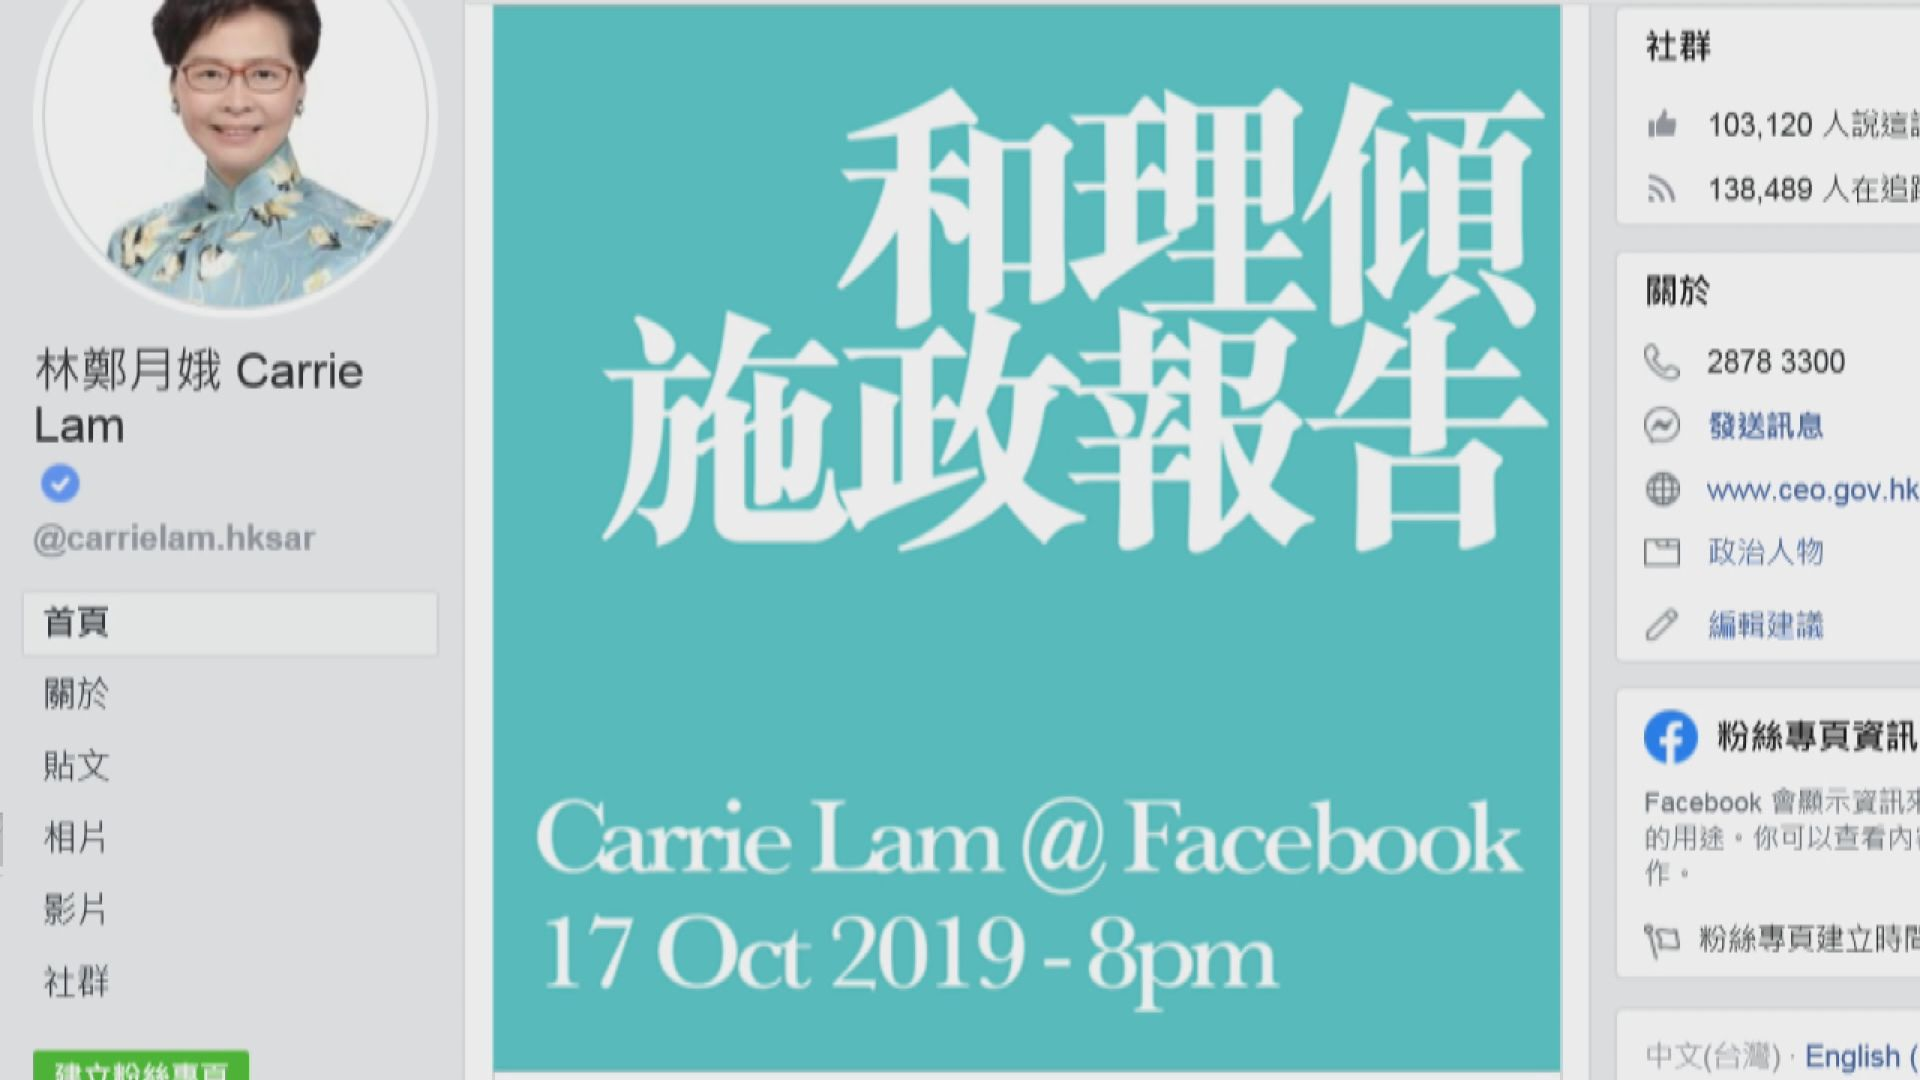 林鄭月娥周四晚會經網上直播回應網民提問